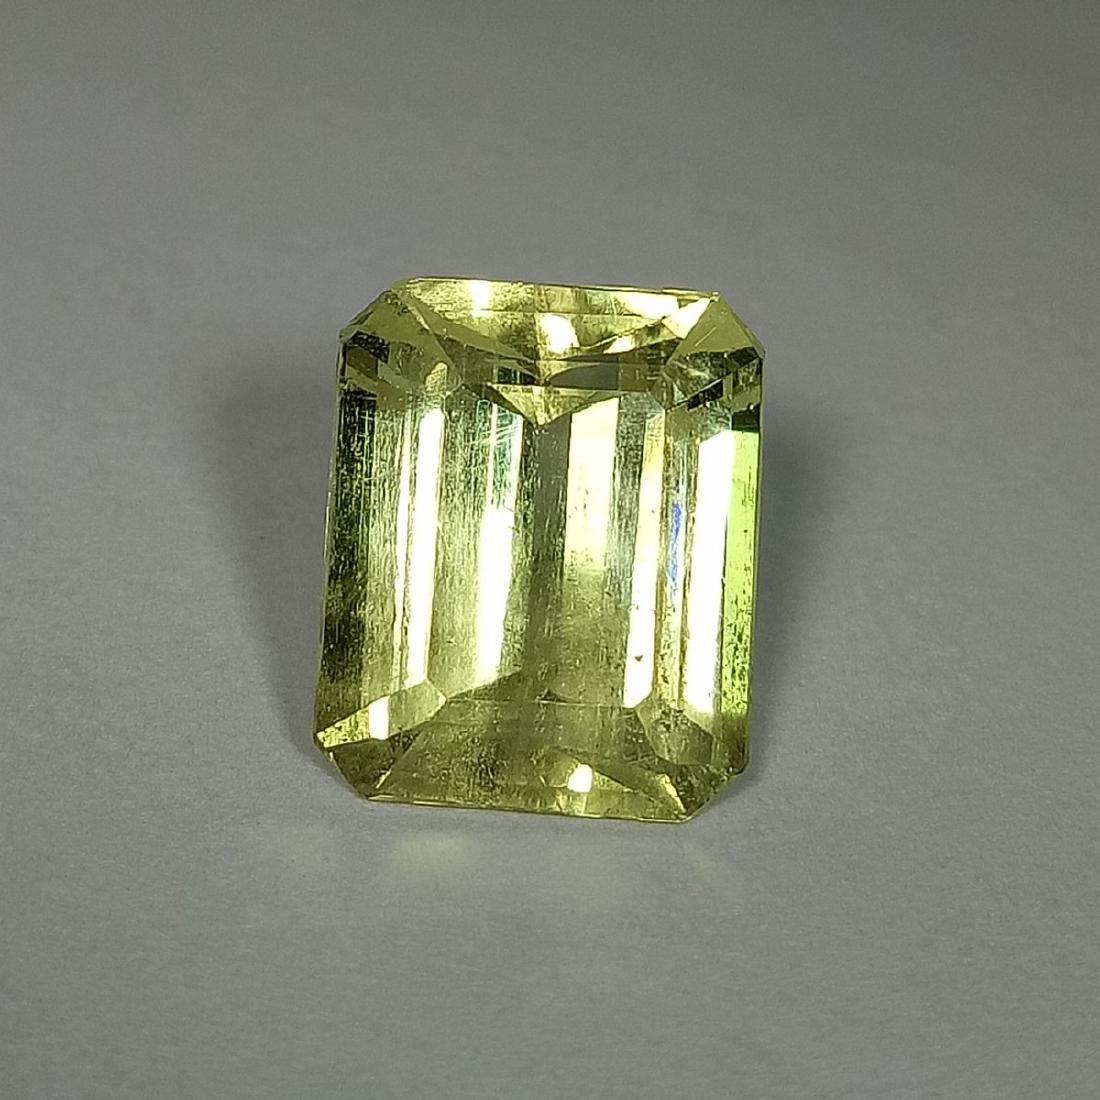 5.87 Carat Loose Yellow Beryl